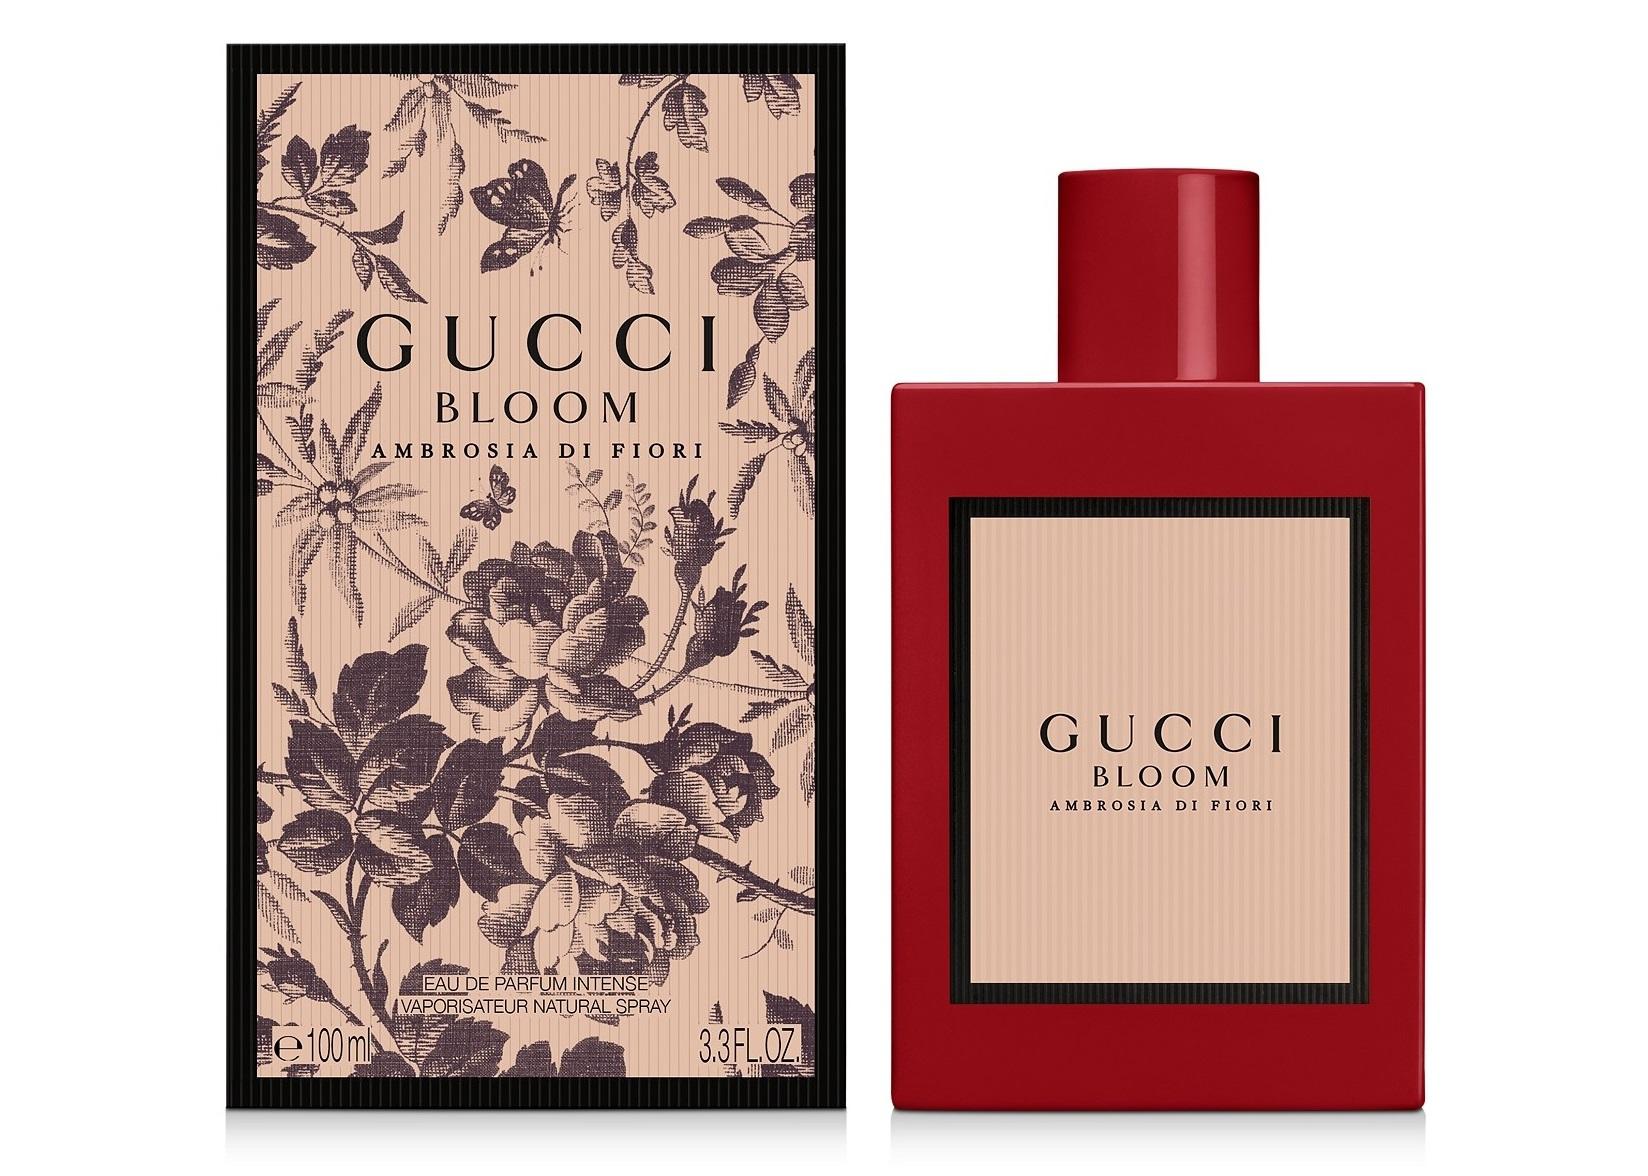 Gucci Bloom Ambrosia di Fiori 100 mL